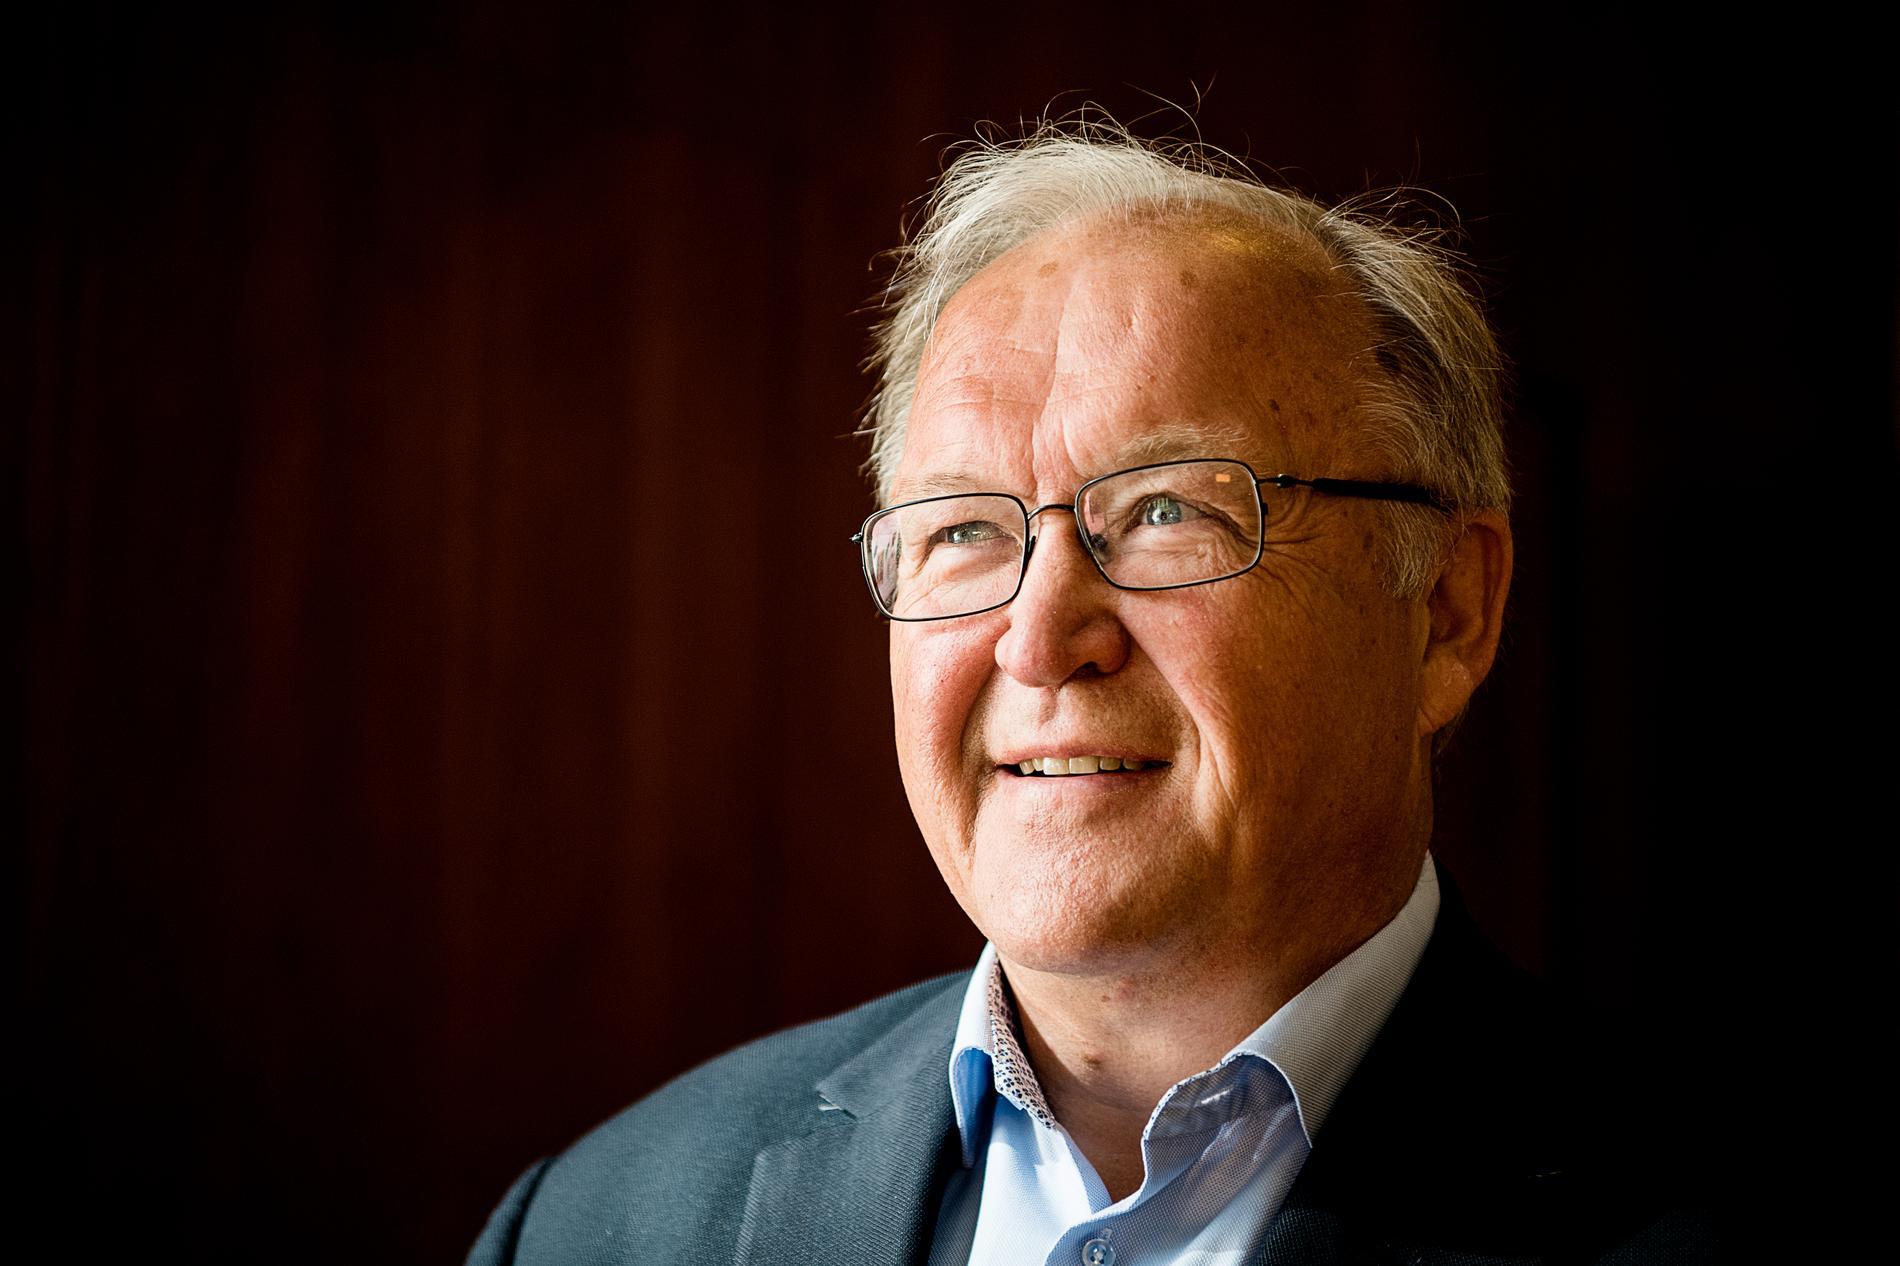 Lasse Allard